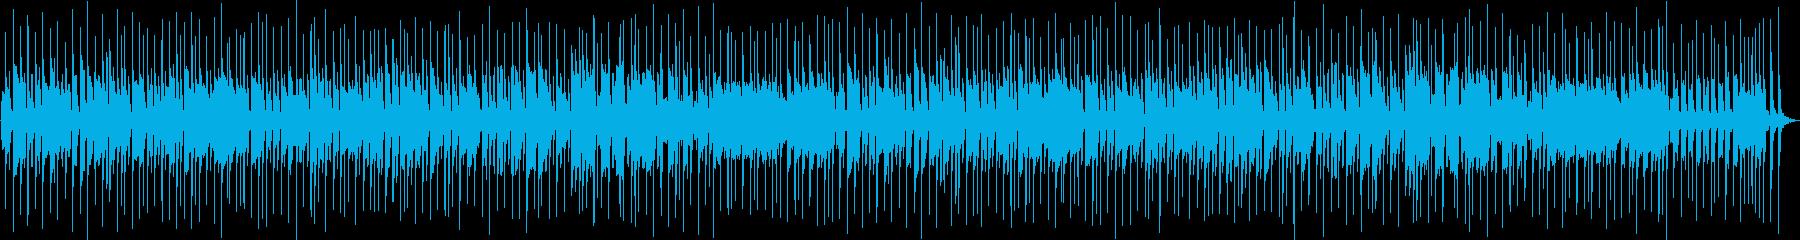 奇妙だけどどこか癖になる楽曲 ゲーム等にの再生済みの波形